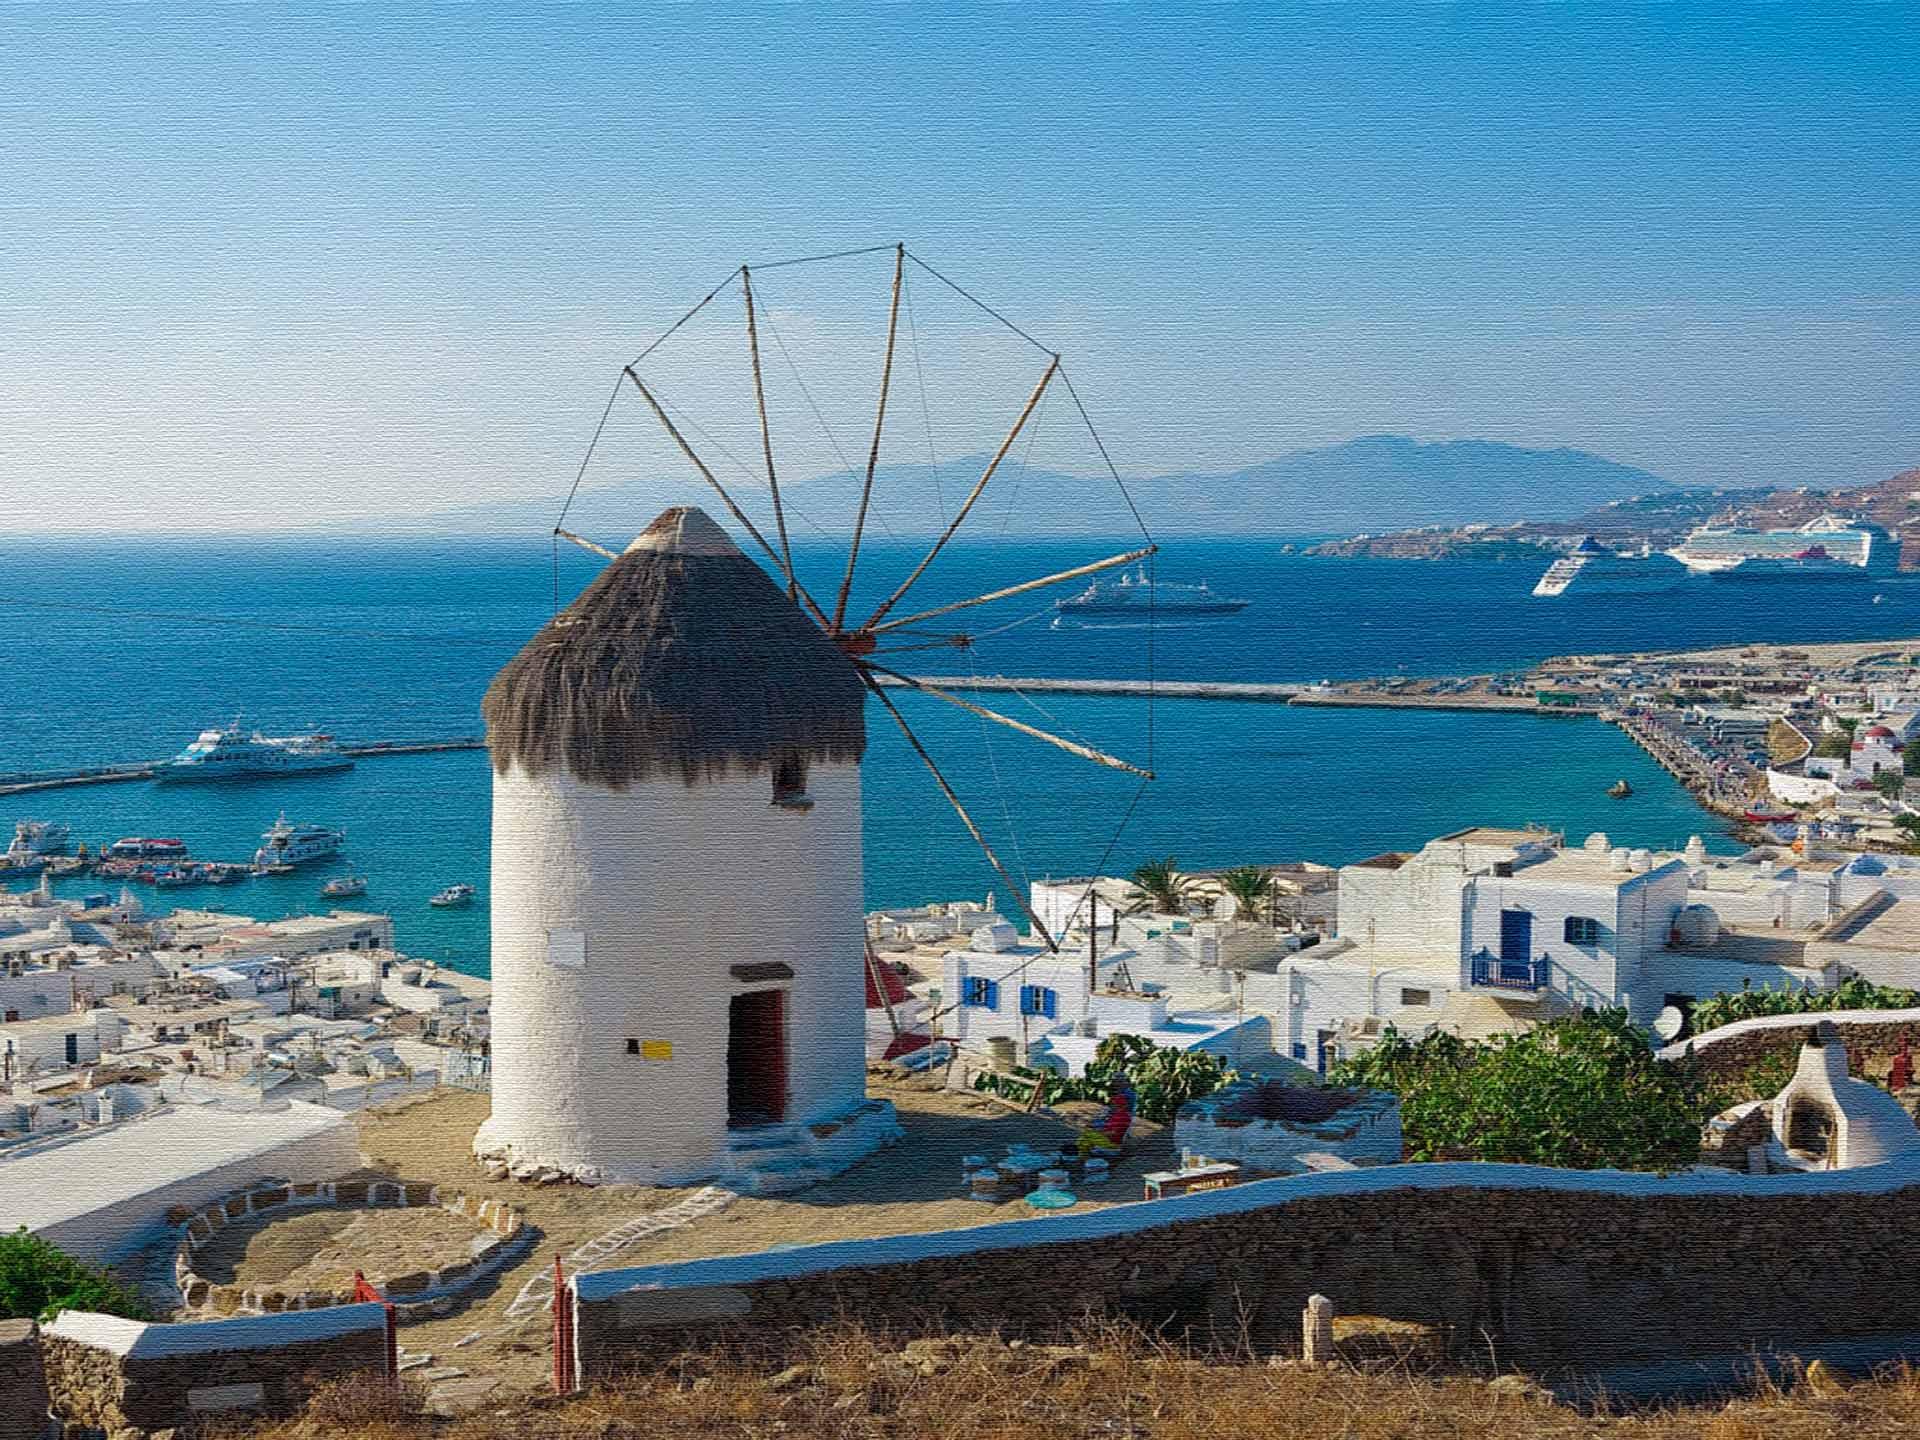 Климат и погода в Греции по месяцам и регионам. Когда лучше отдыхать в Греции